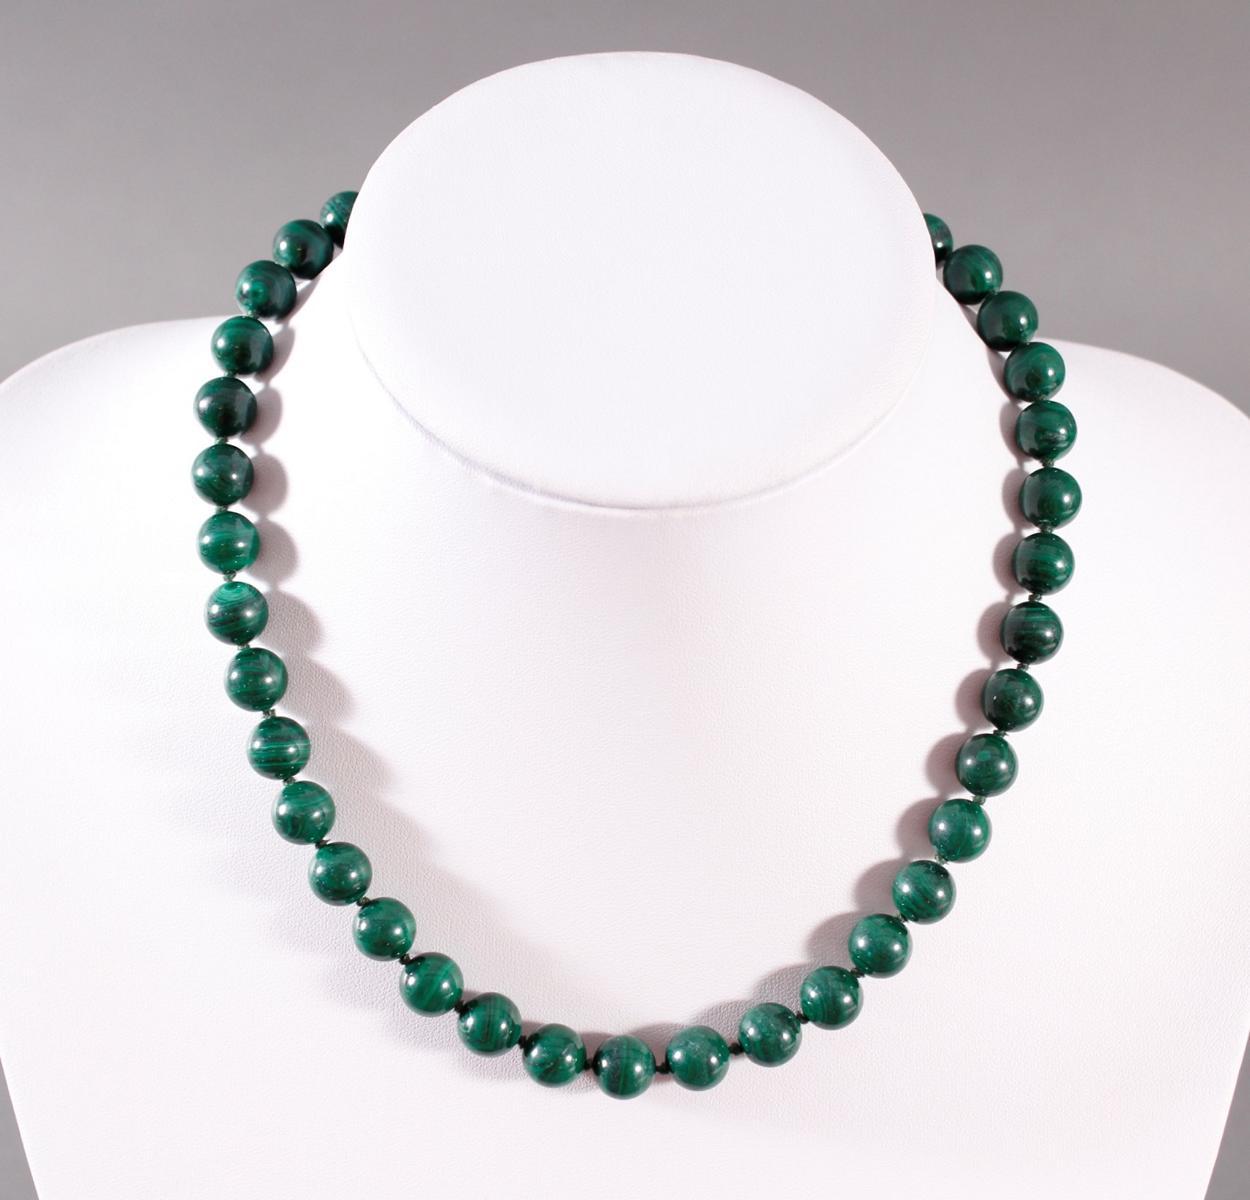 Halskette aus Malachit, 8 Karat Karabinerschließe